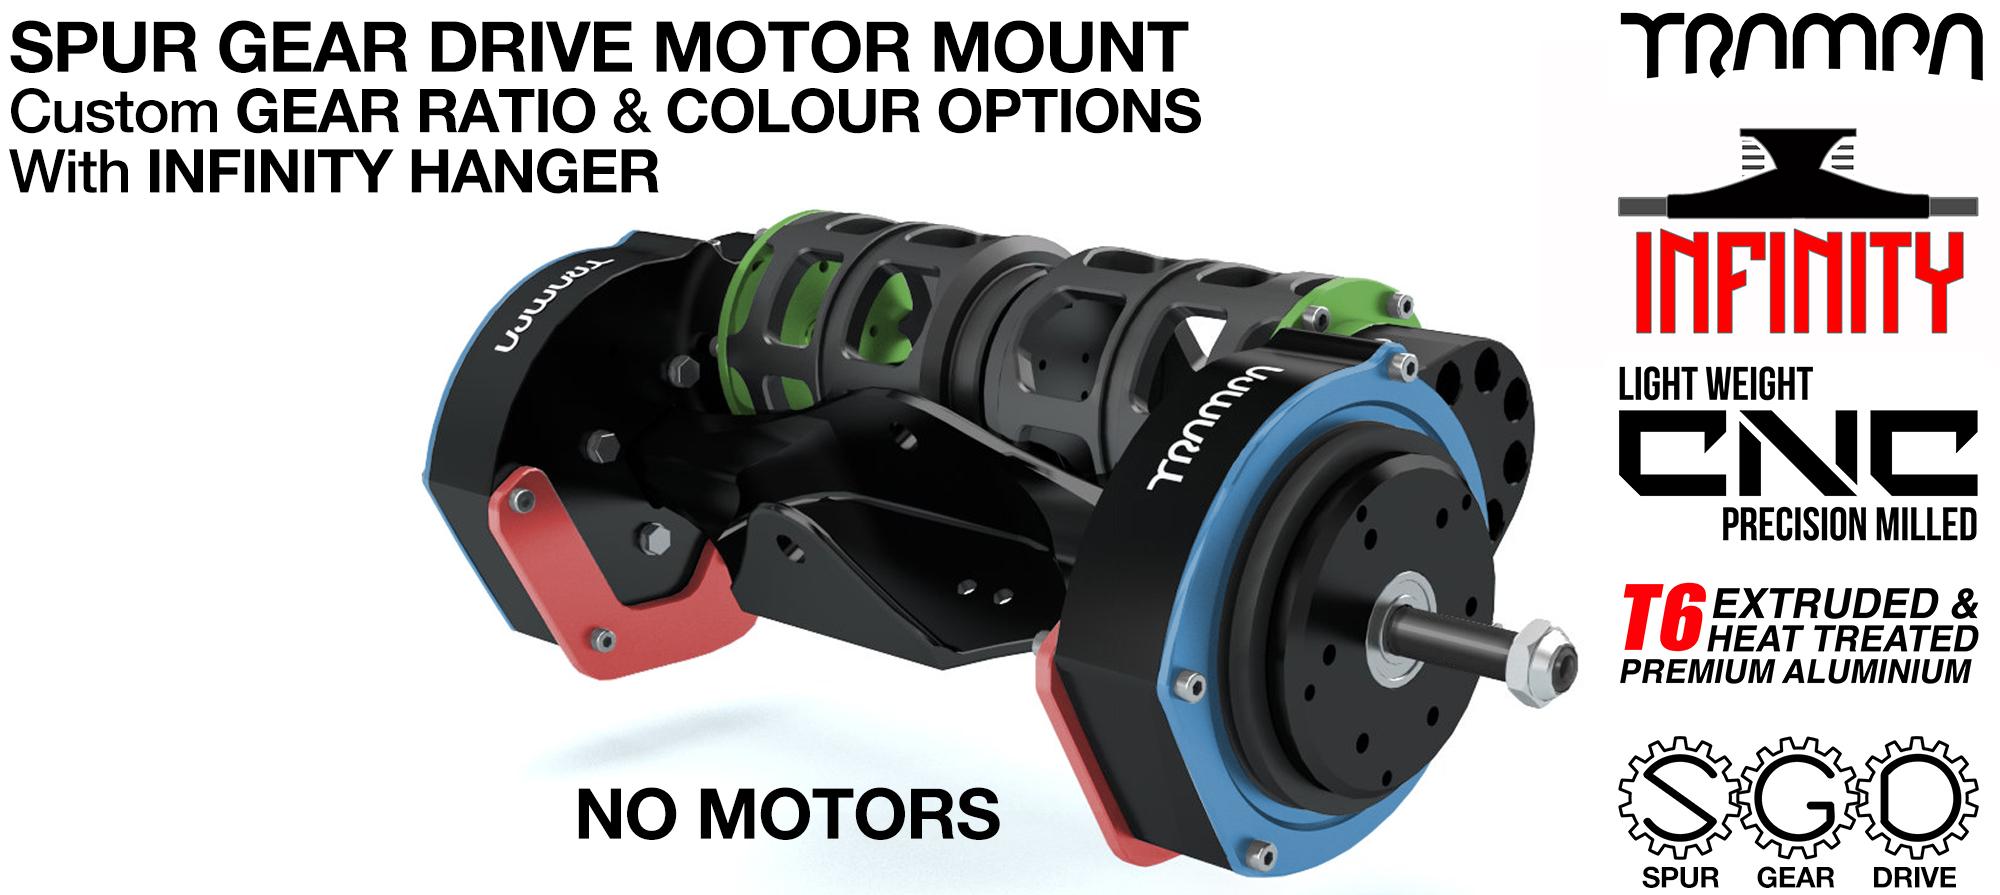 Mountainboard EXTERNAL Spur Gear Drive TWIN Motor Mounts & INFINITY Hanger